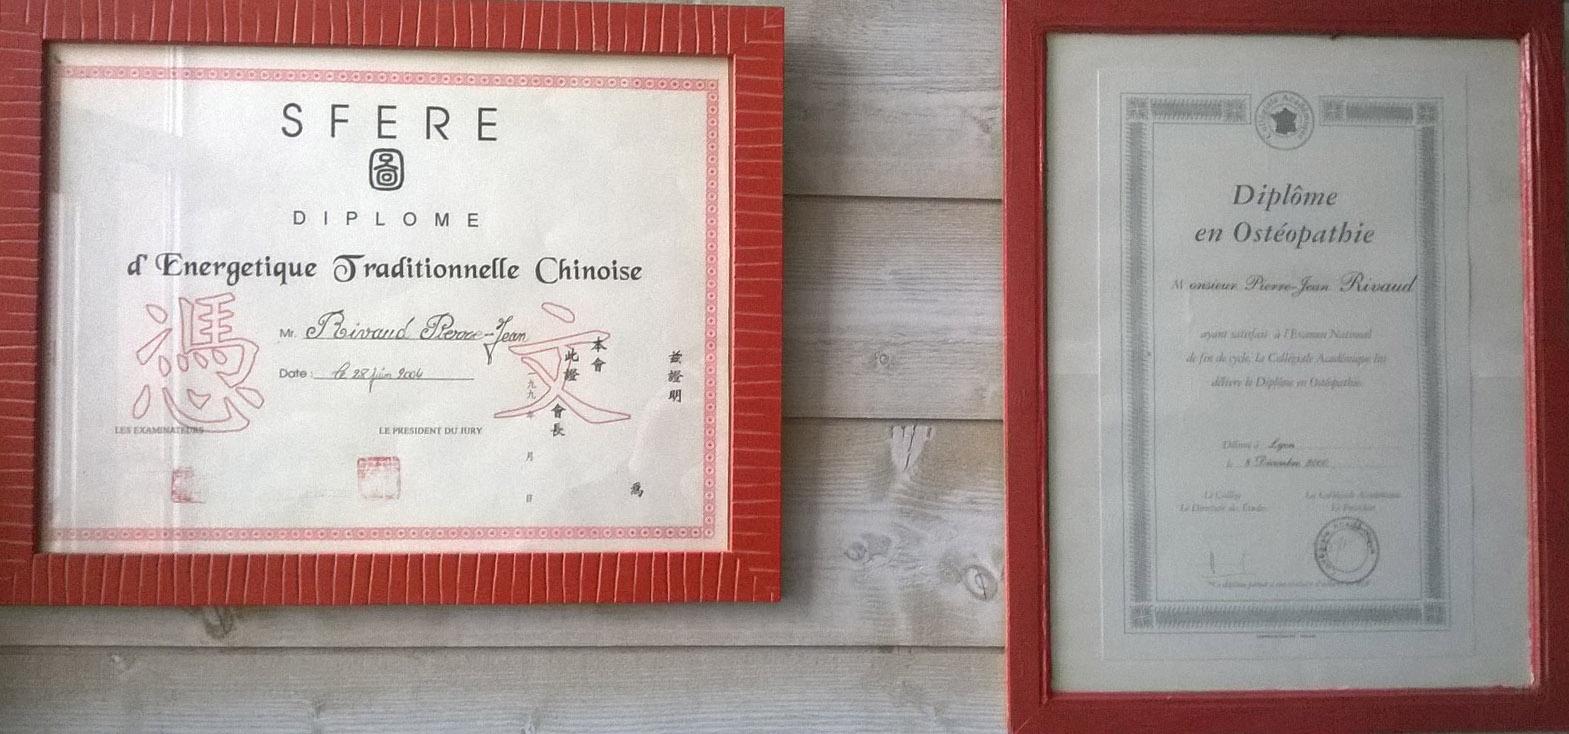 diplôme medecine chinoise-osteopathie-pierre jean Rivaud-Arles